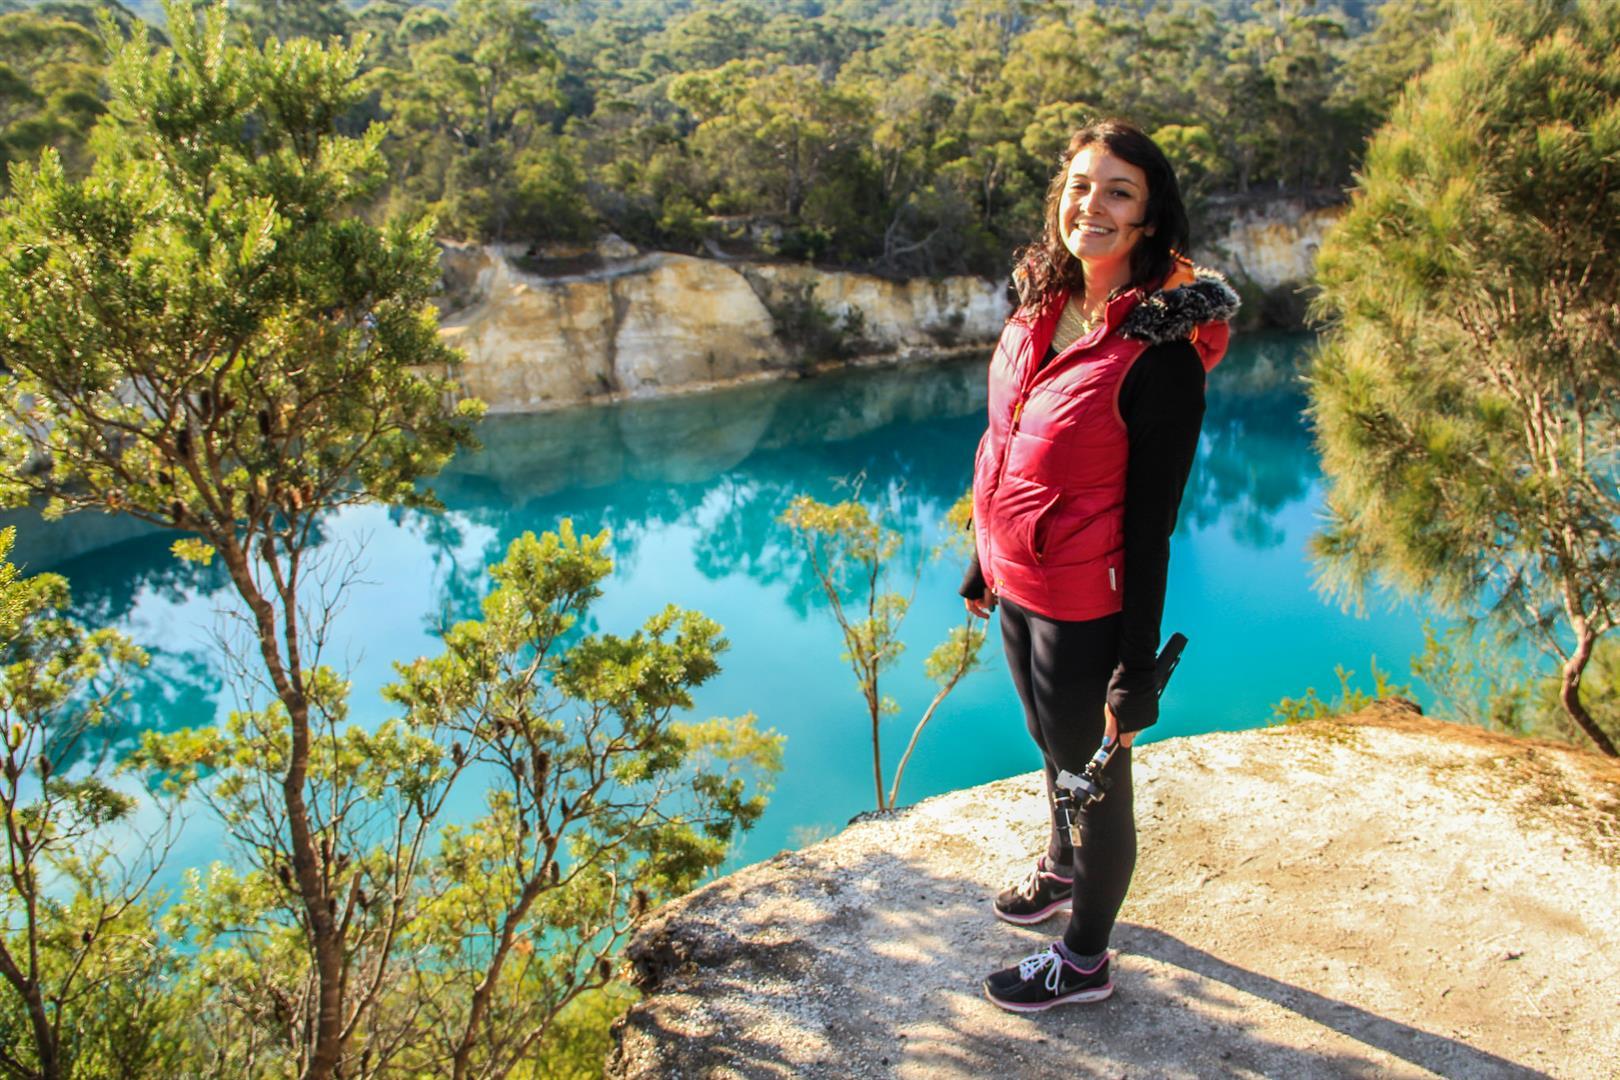 menina na frente de um lago azul